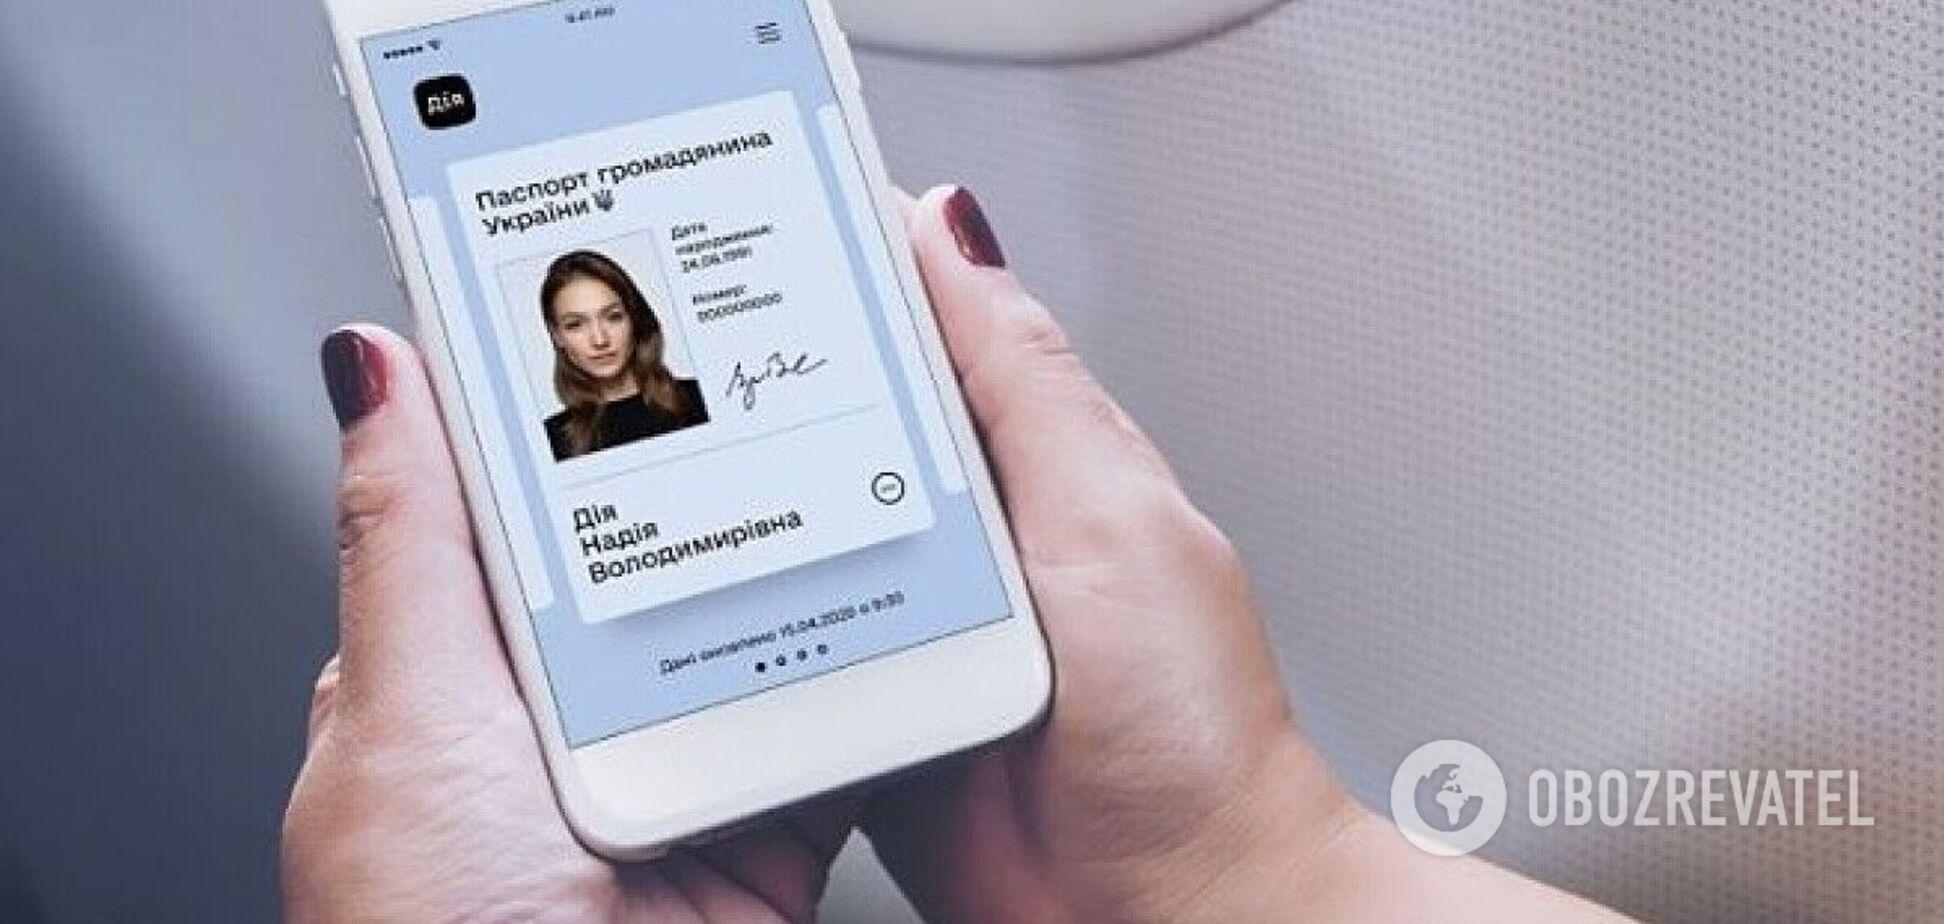 В Україні почав діяти закон про цифрові паспорти: що зміниться